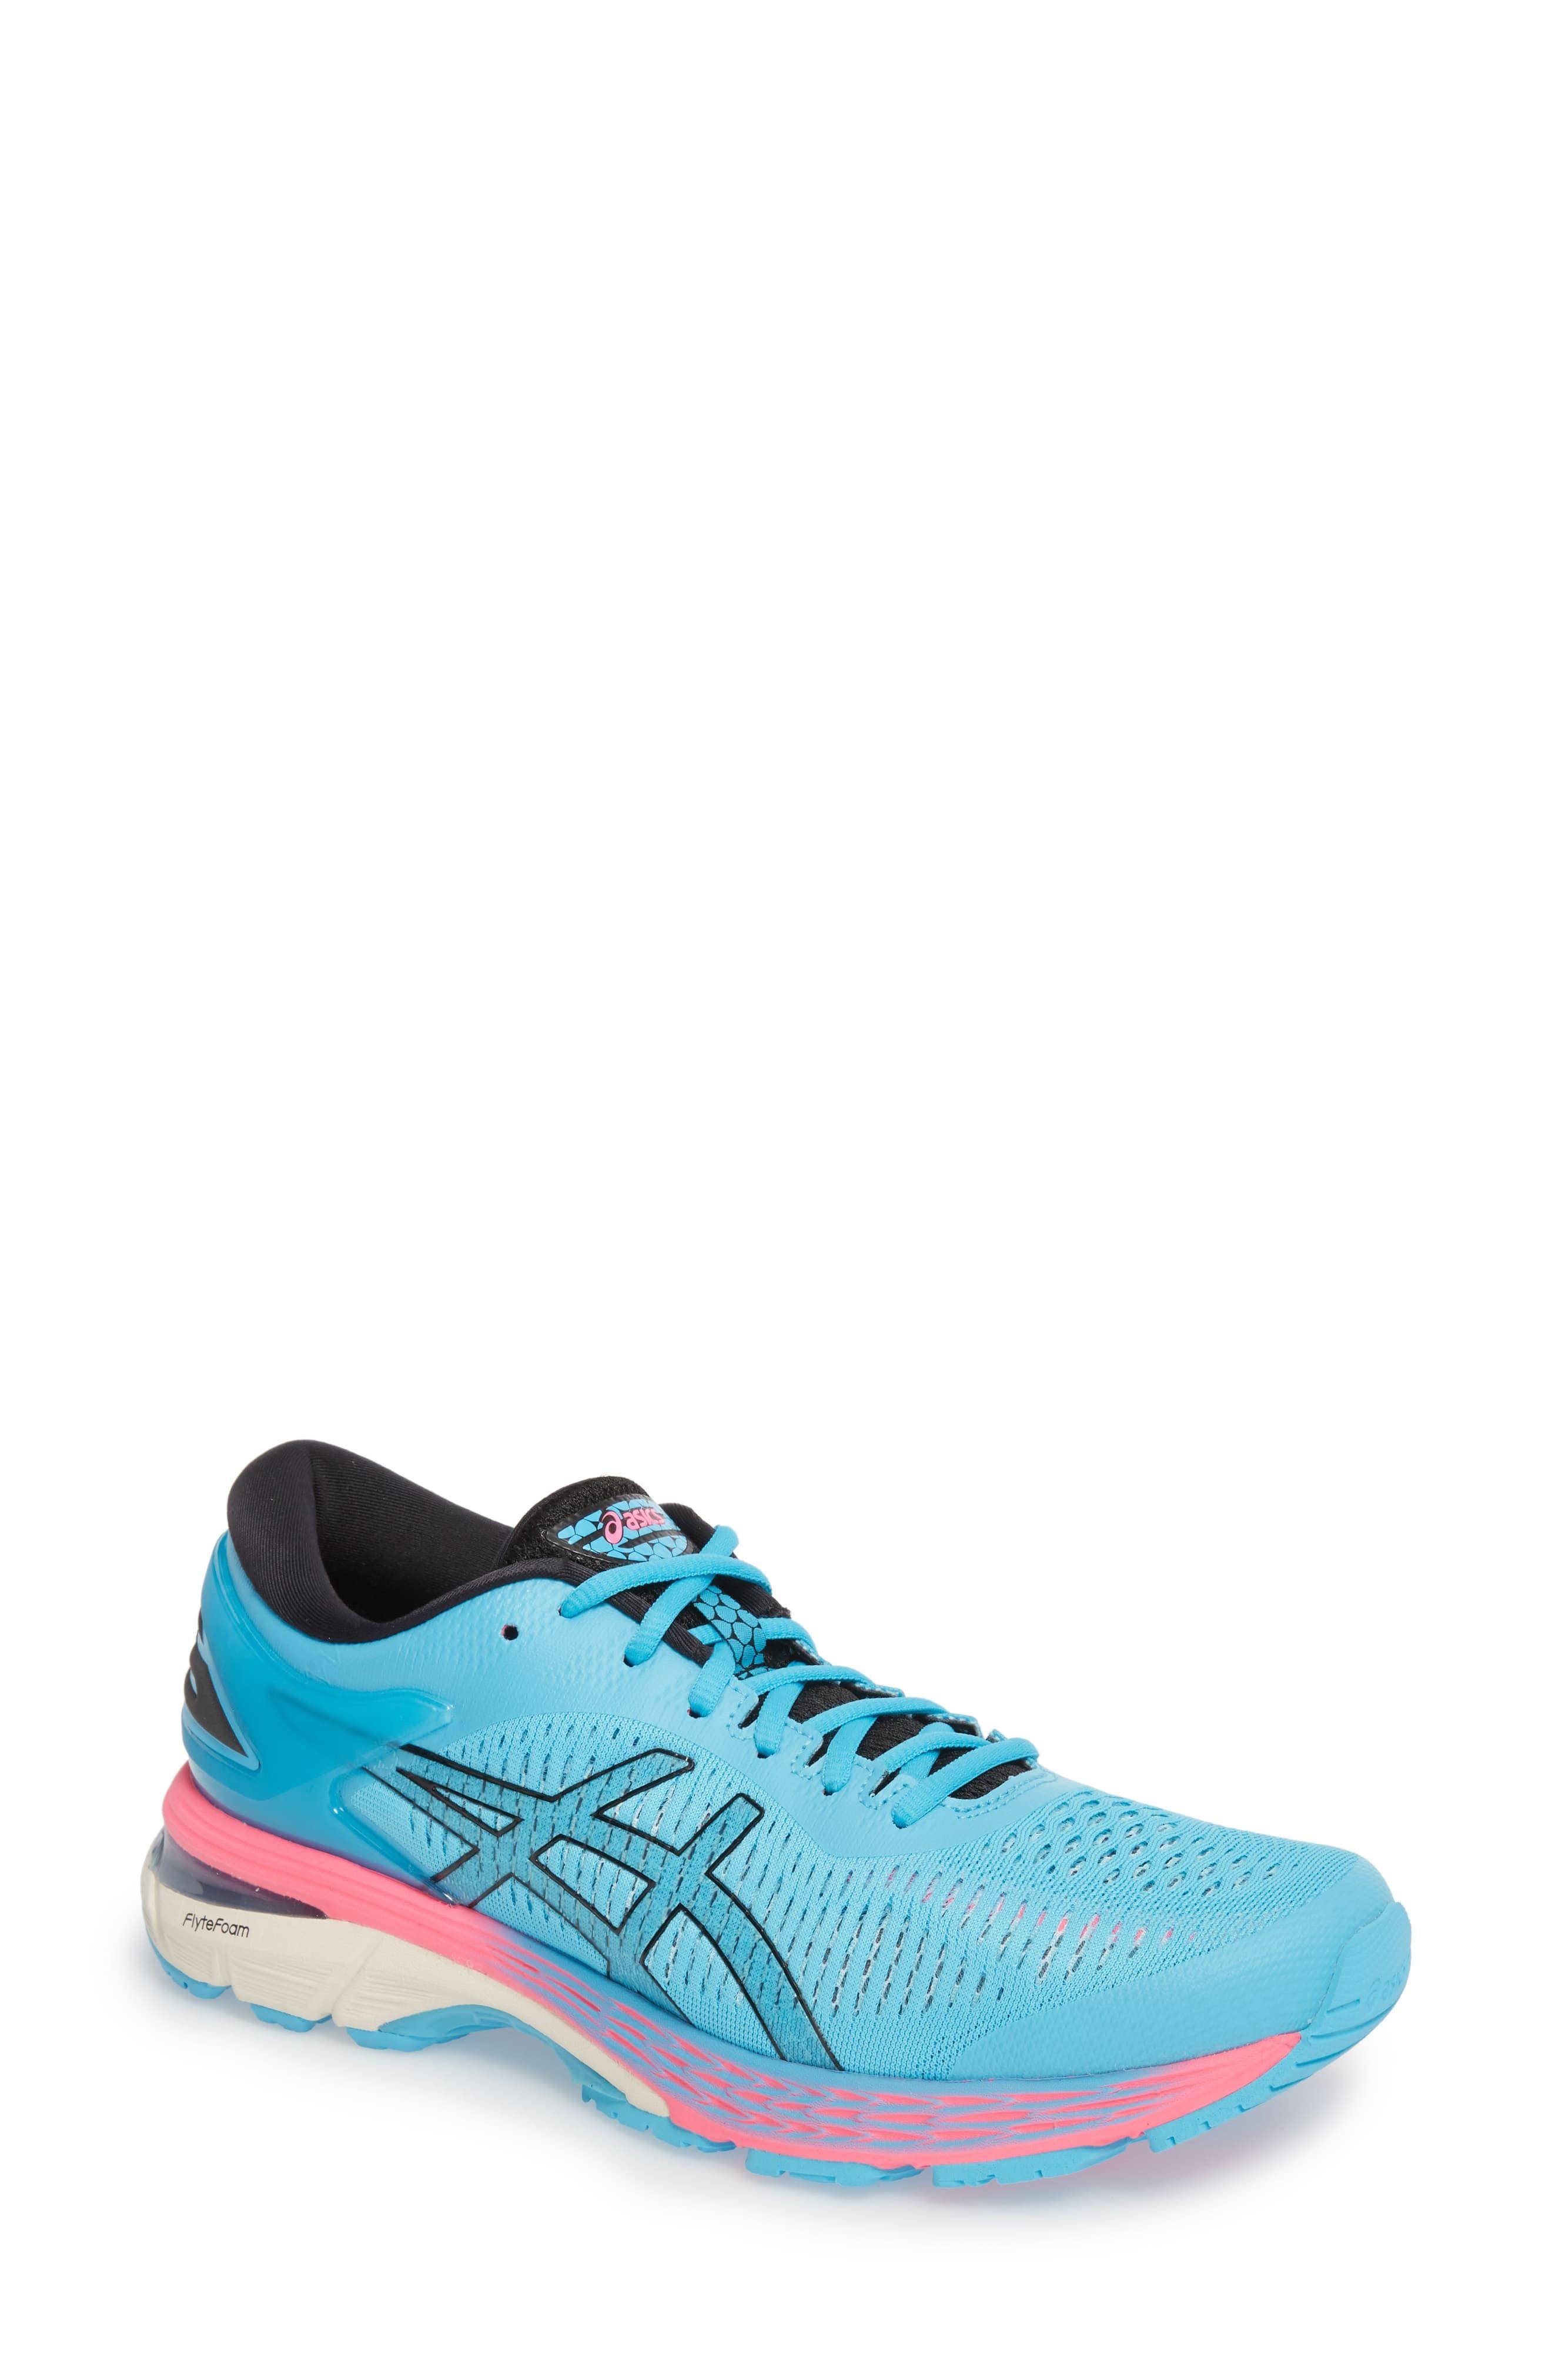 Women S Asics Gel Kayano 25 Running Shoe Size 7 5 B Blue Products In 2019 Shoes Running Shoes Asics